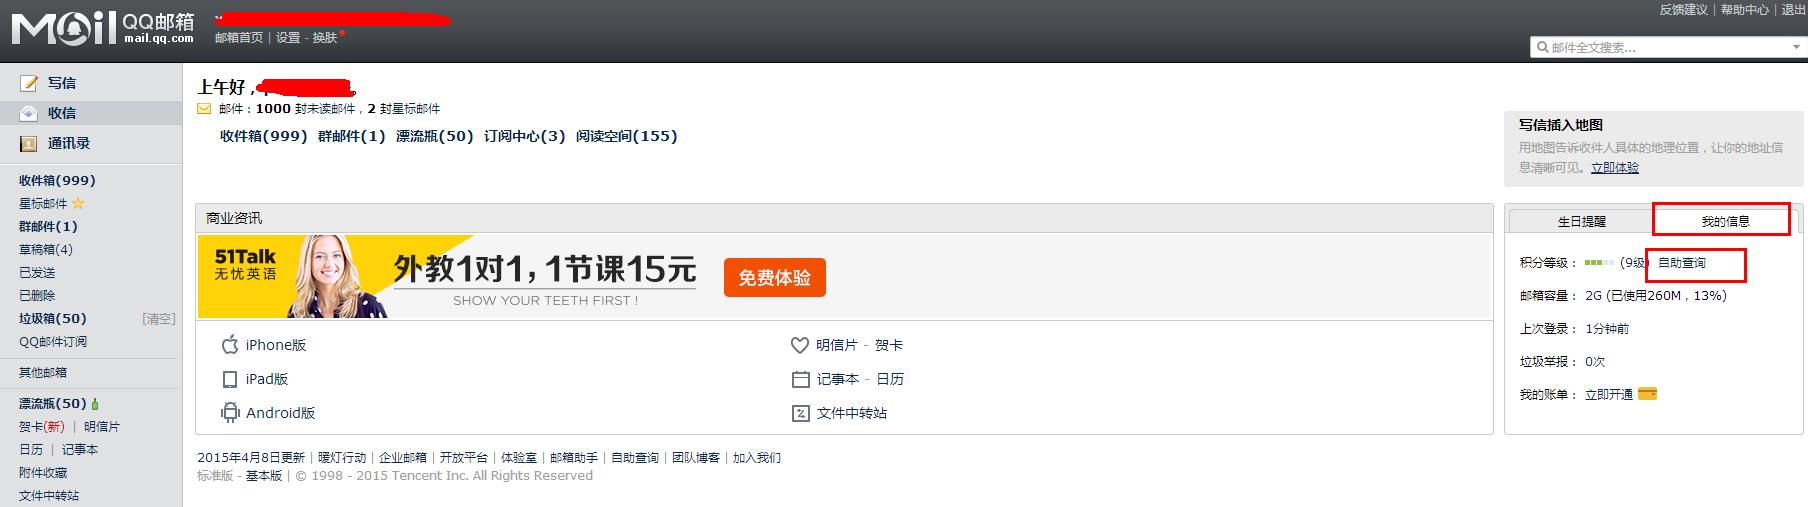 QQ邮箱自助查询1.png